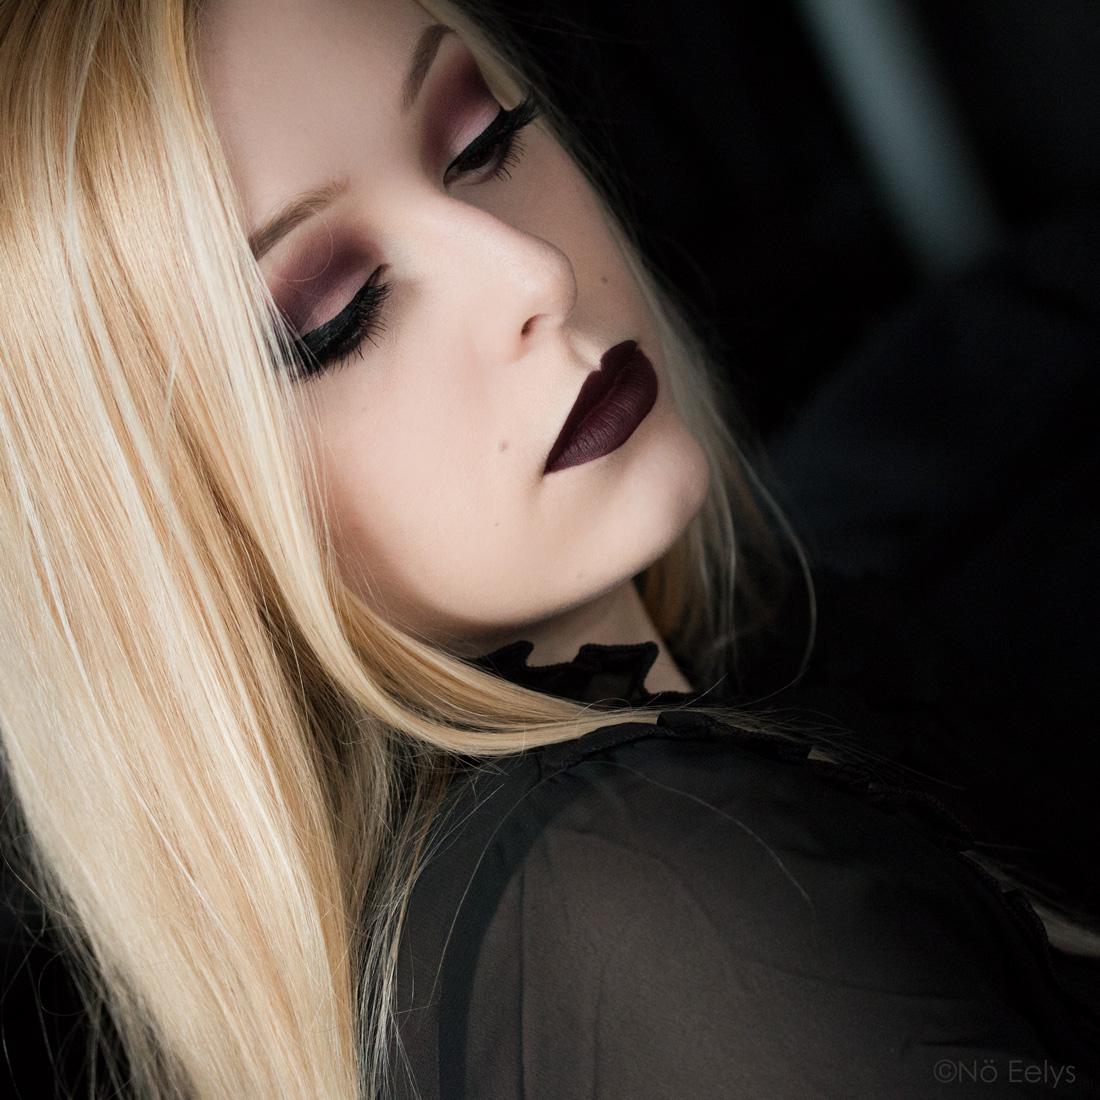 Kat Von D beauty Lolita palette maquillage smokey eye violet, avec les fards Promesa, Recuerdos, Hermosura, Eterno et Corazon + le rouge à lèvres Oblivion Baby Bat Beauty